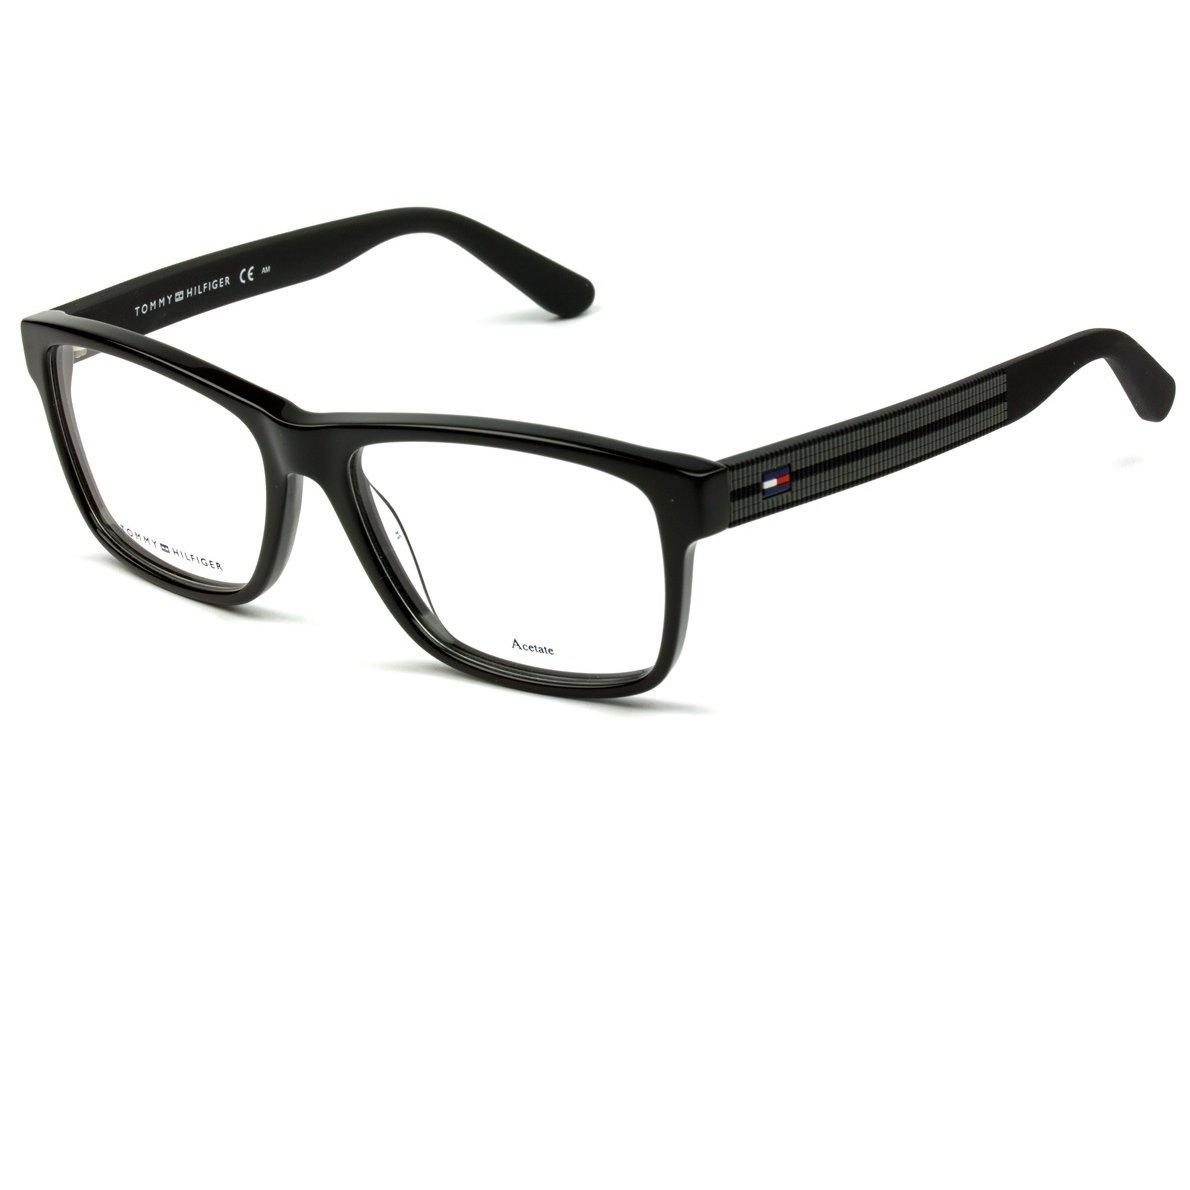 62d507f837ade Armação Óculos Tommy Hilfiger TH1237 KUN - Preto - Compre Agora ...